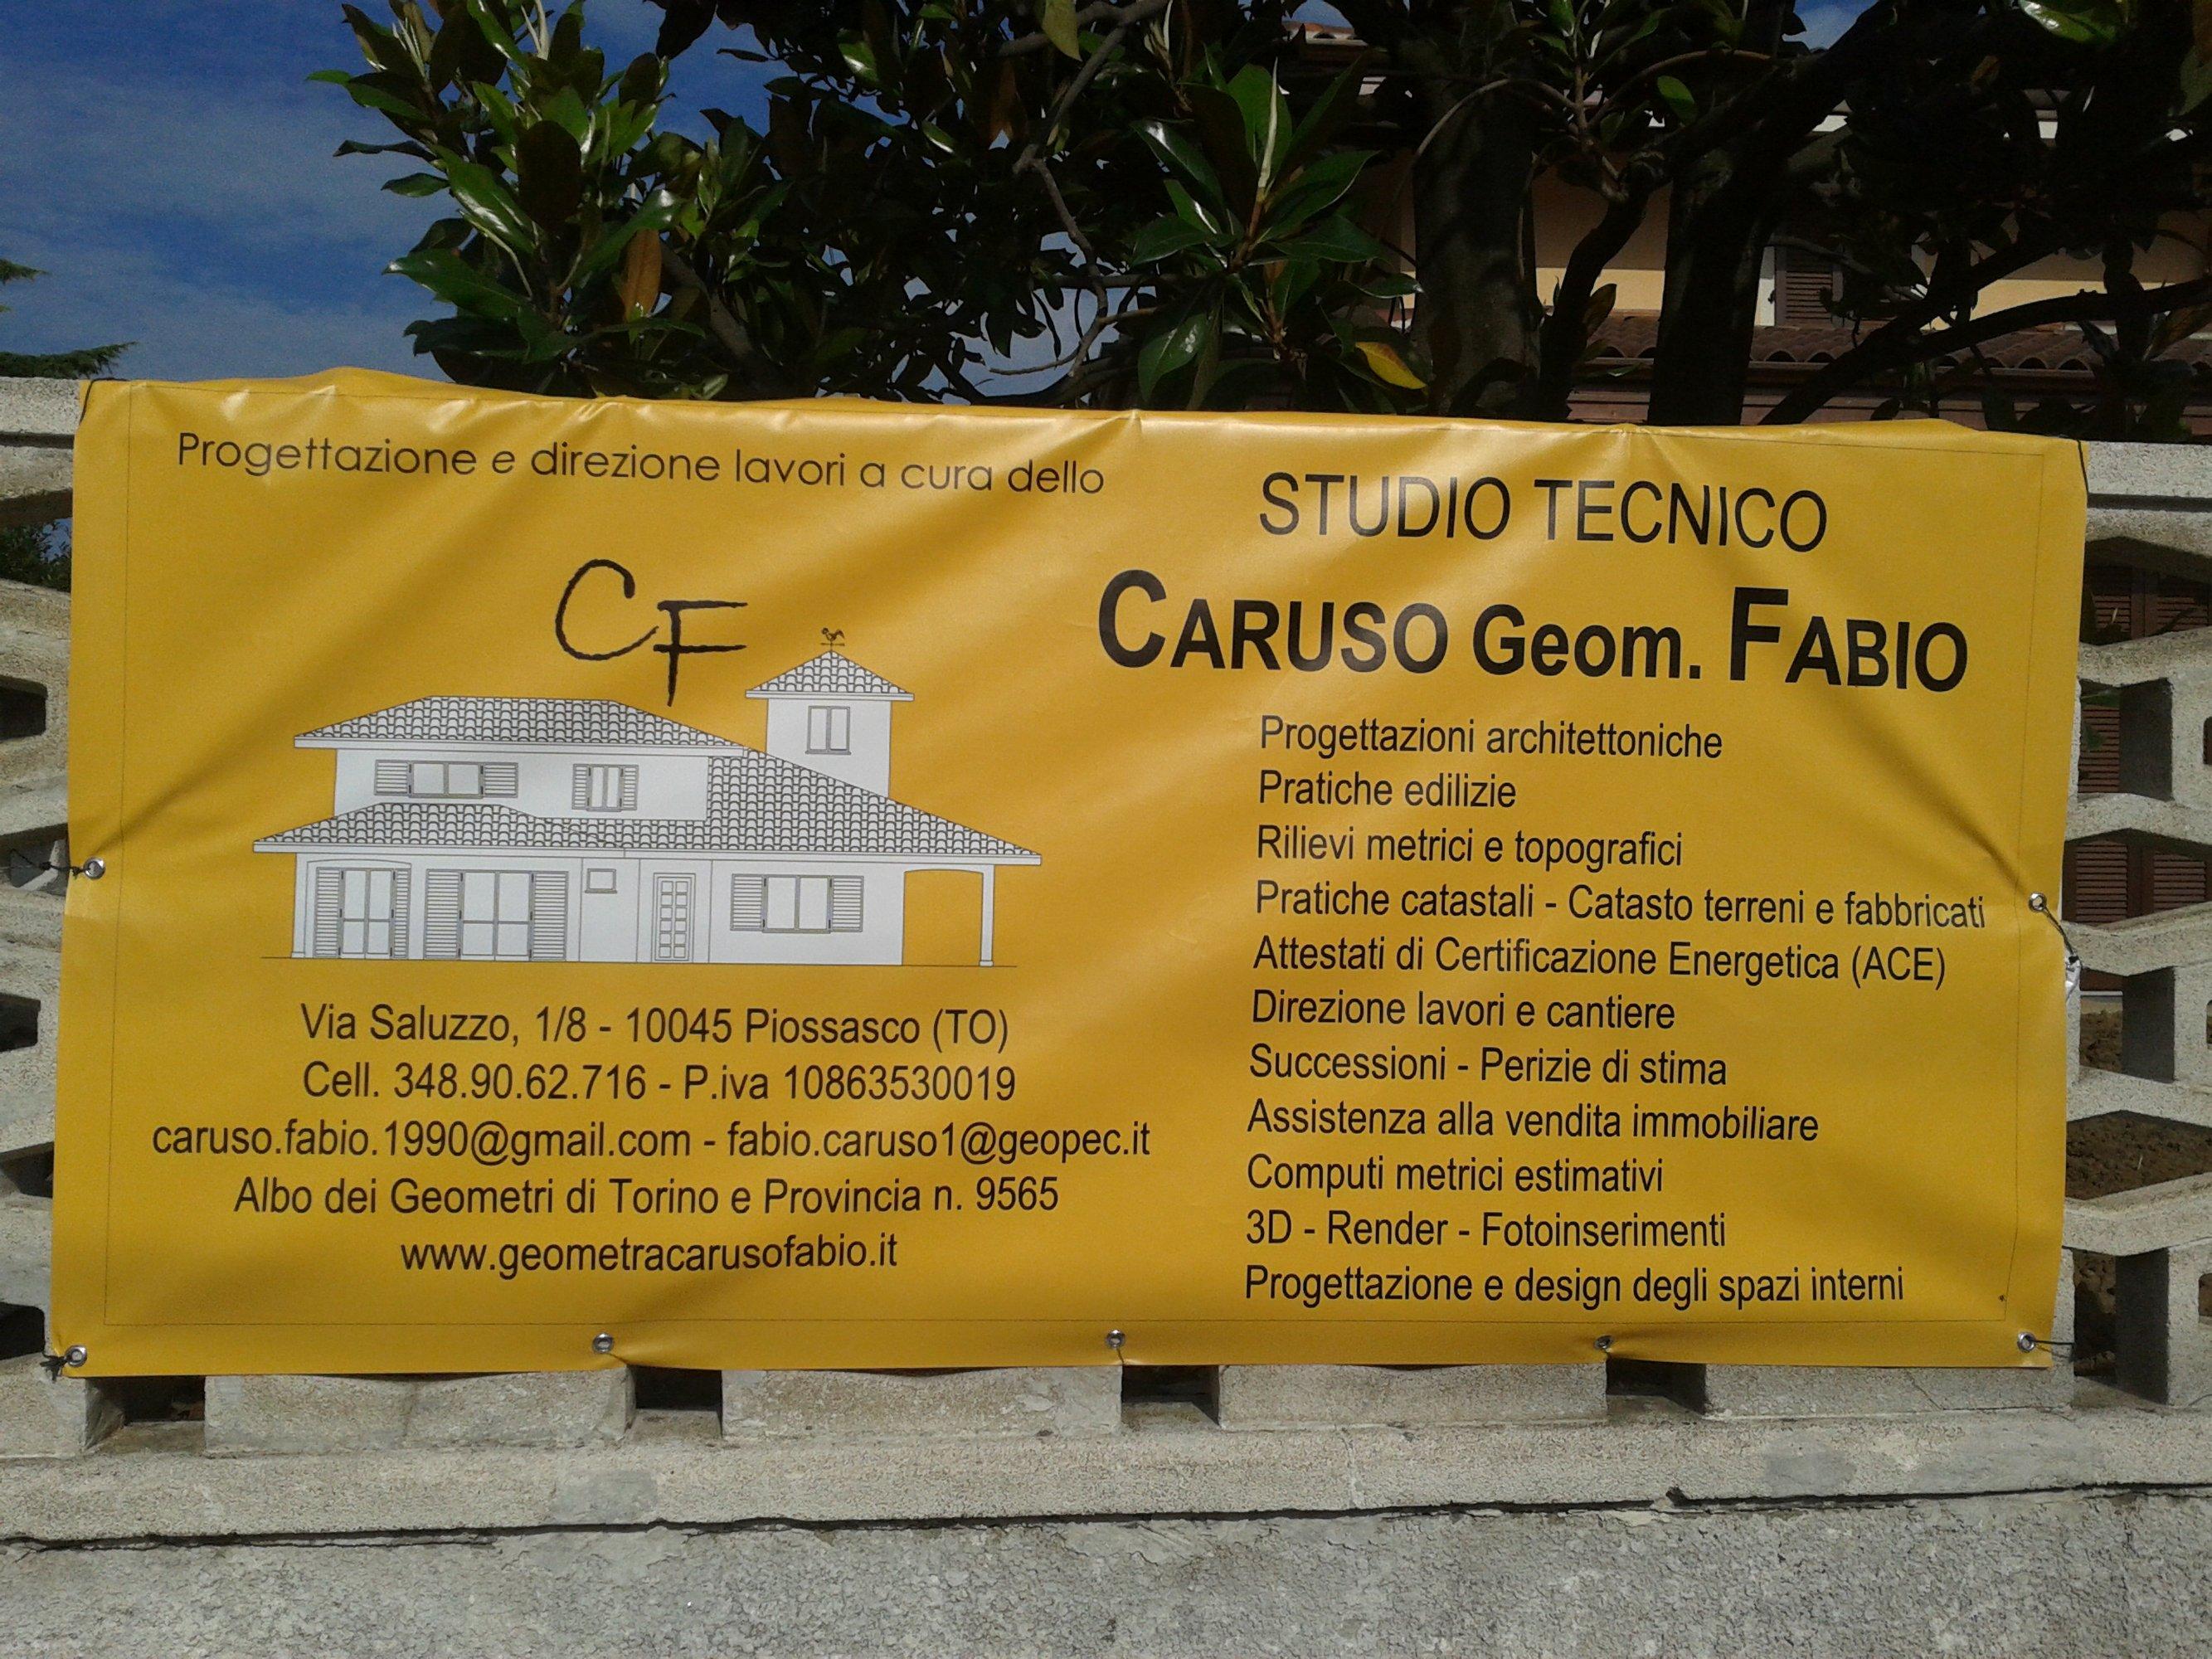 Studio Tecnico Caruso Geom. Fabio